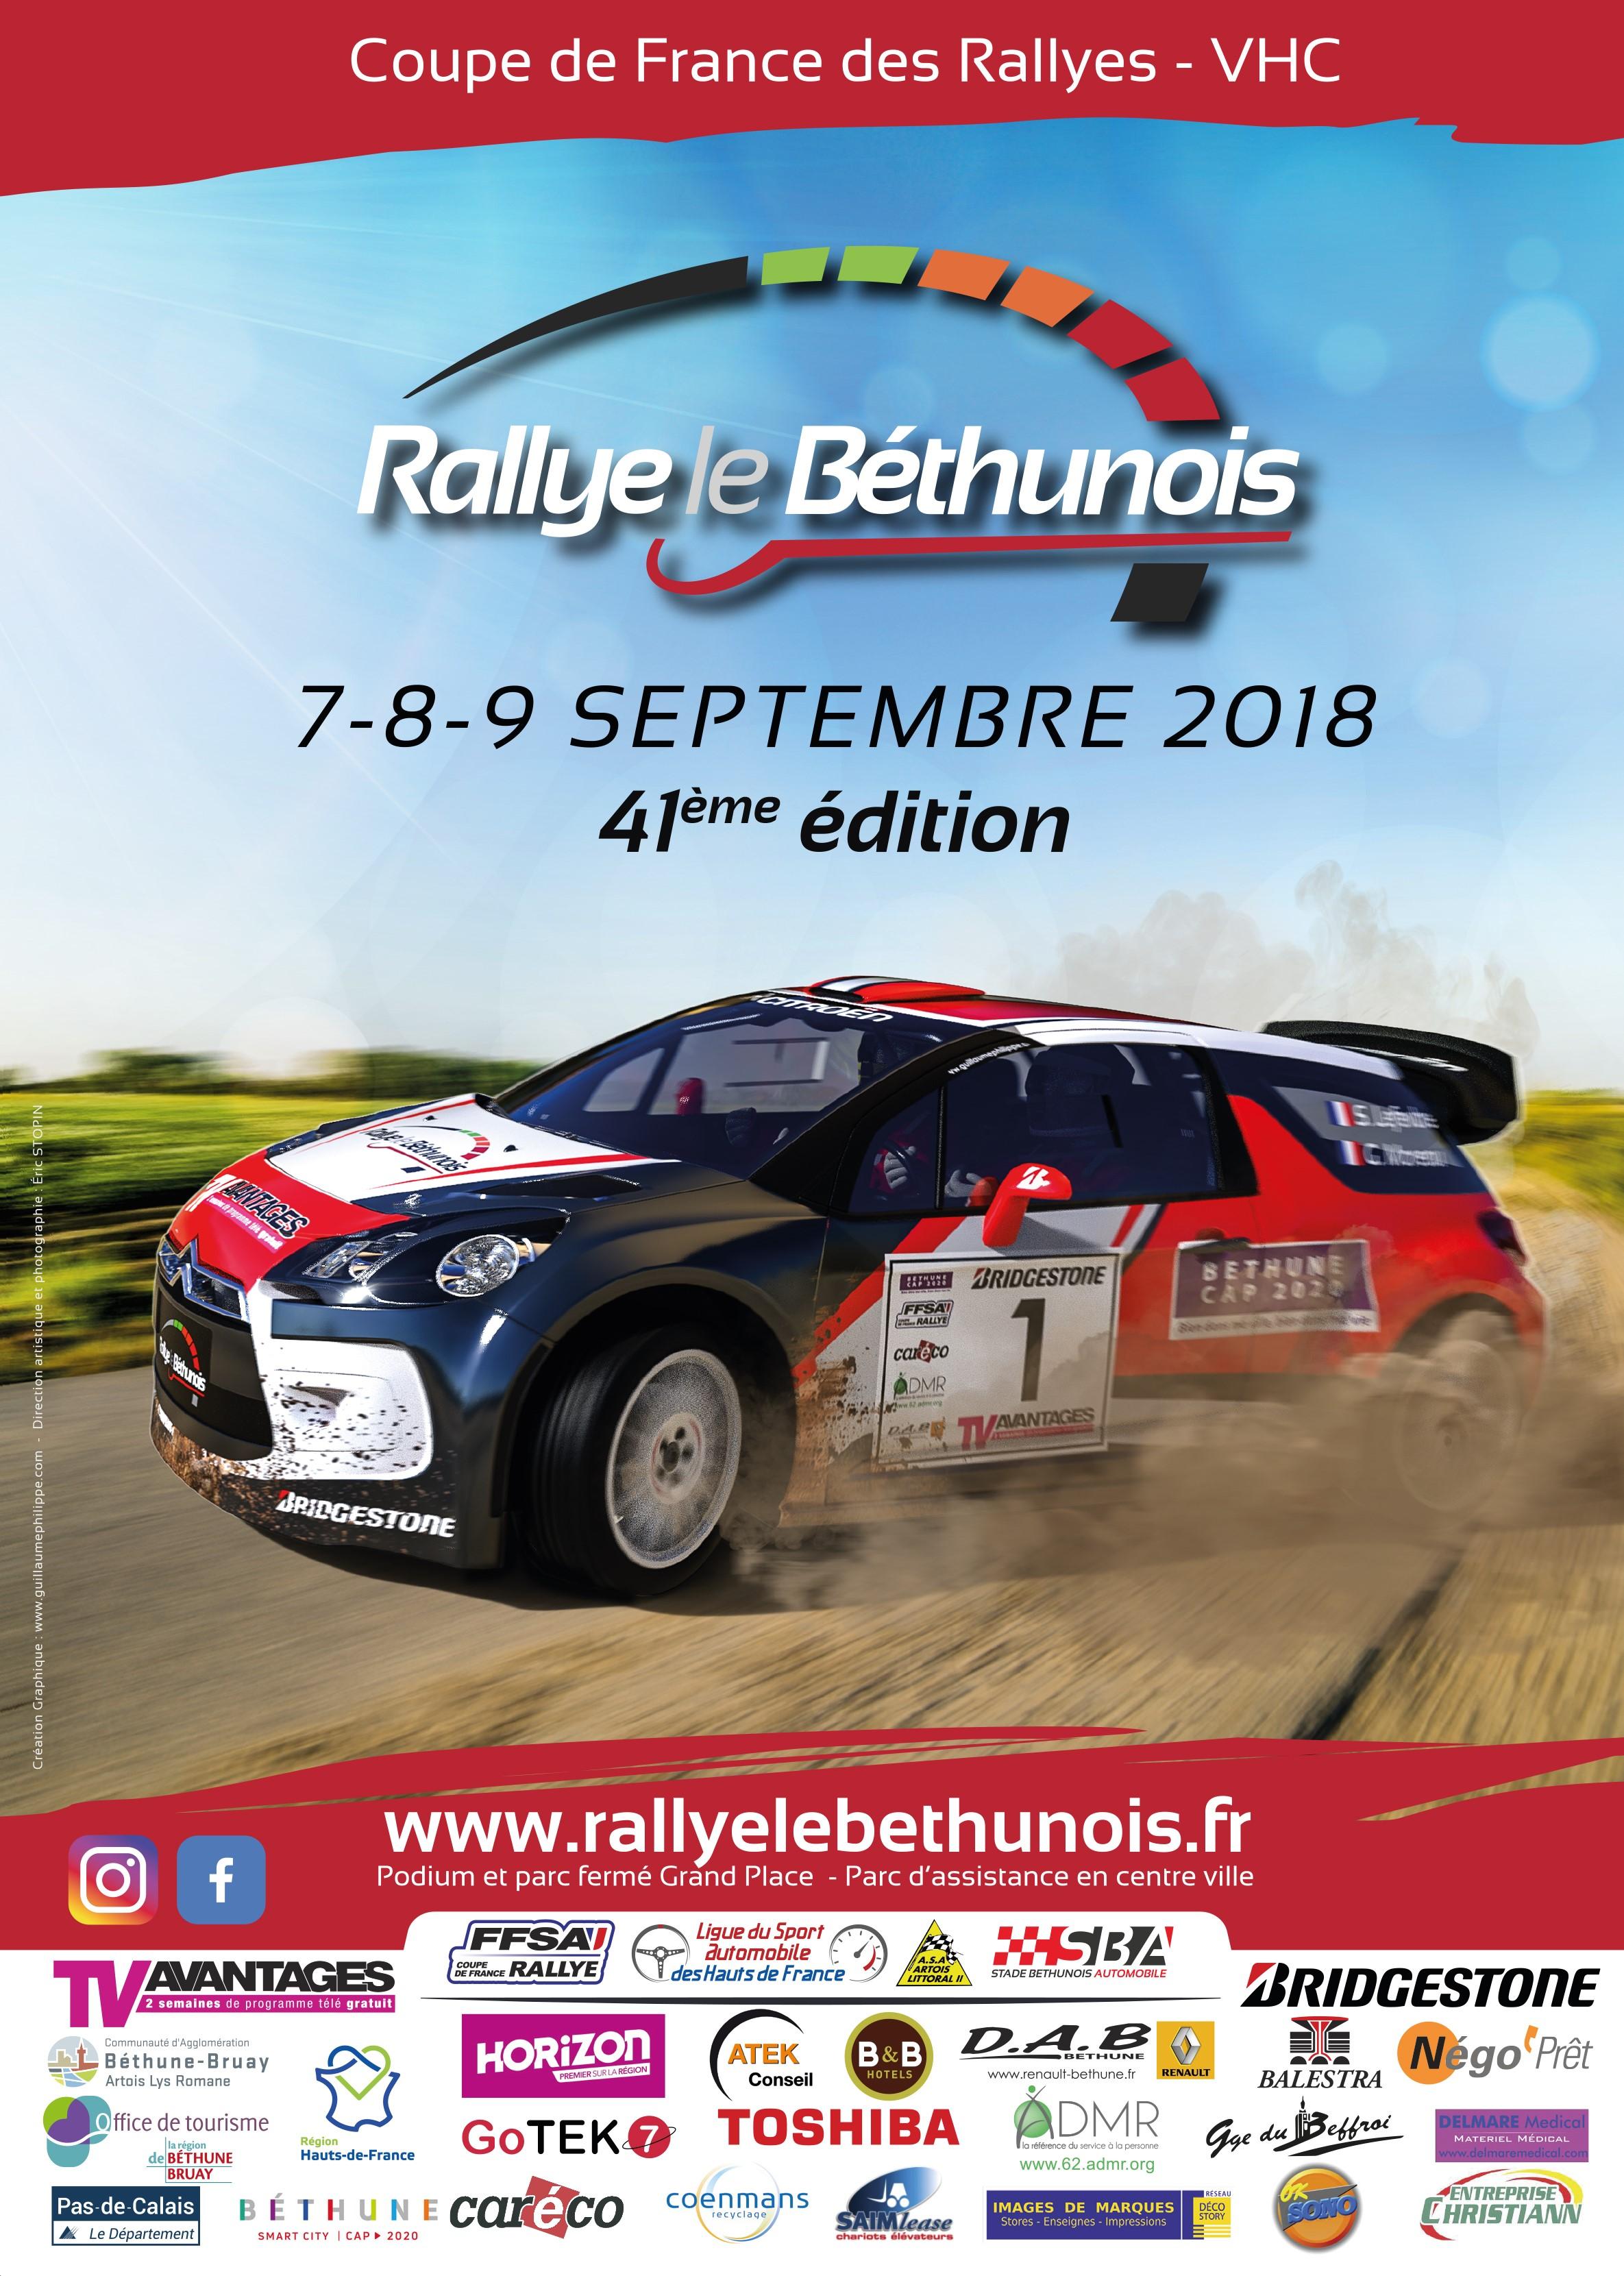 Rallye 9 septembre 2018 belgique